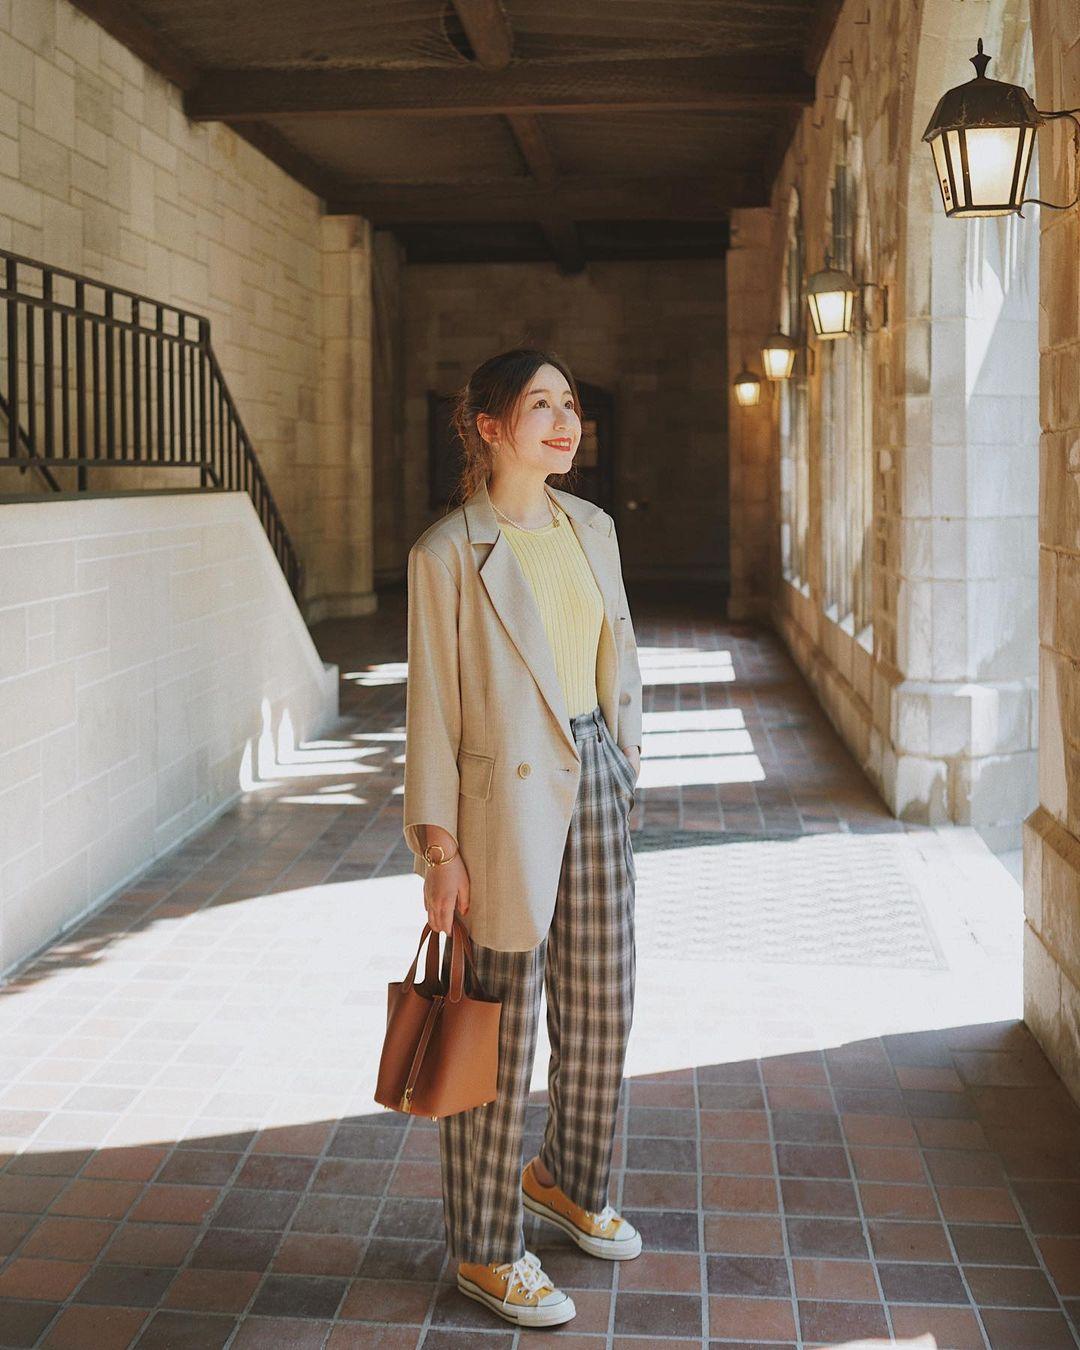 Chỉ với một kiểu blazer, nàng fashionista đã mix được cả chục set đồ xịn đẹp, thấy mà chẳng muốn shopping nhiều cho phí tiền - Ảnh 7.